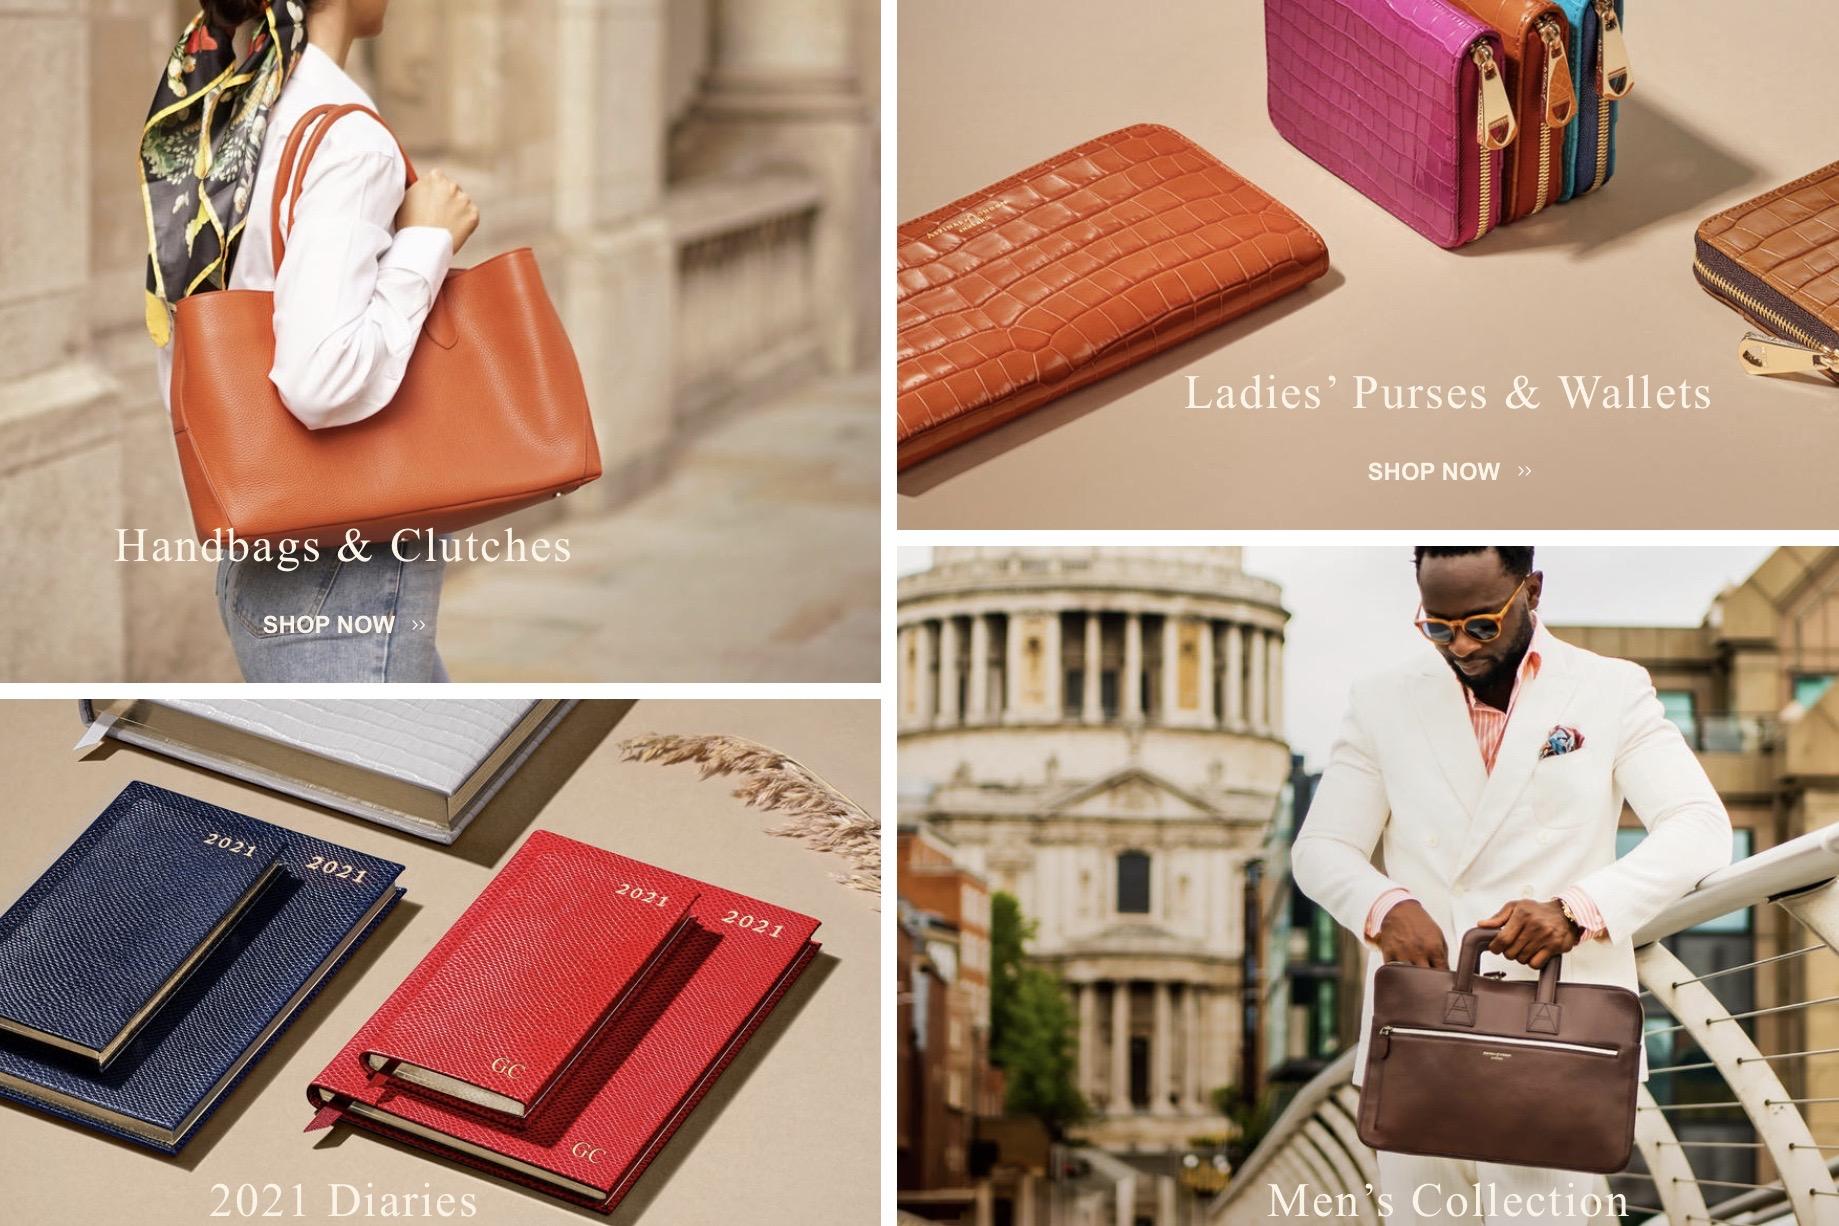 英国轻奢皮具品牌Aspinal of London申请破产保护,将关闭所有门店,聚焦线上业务